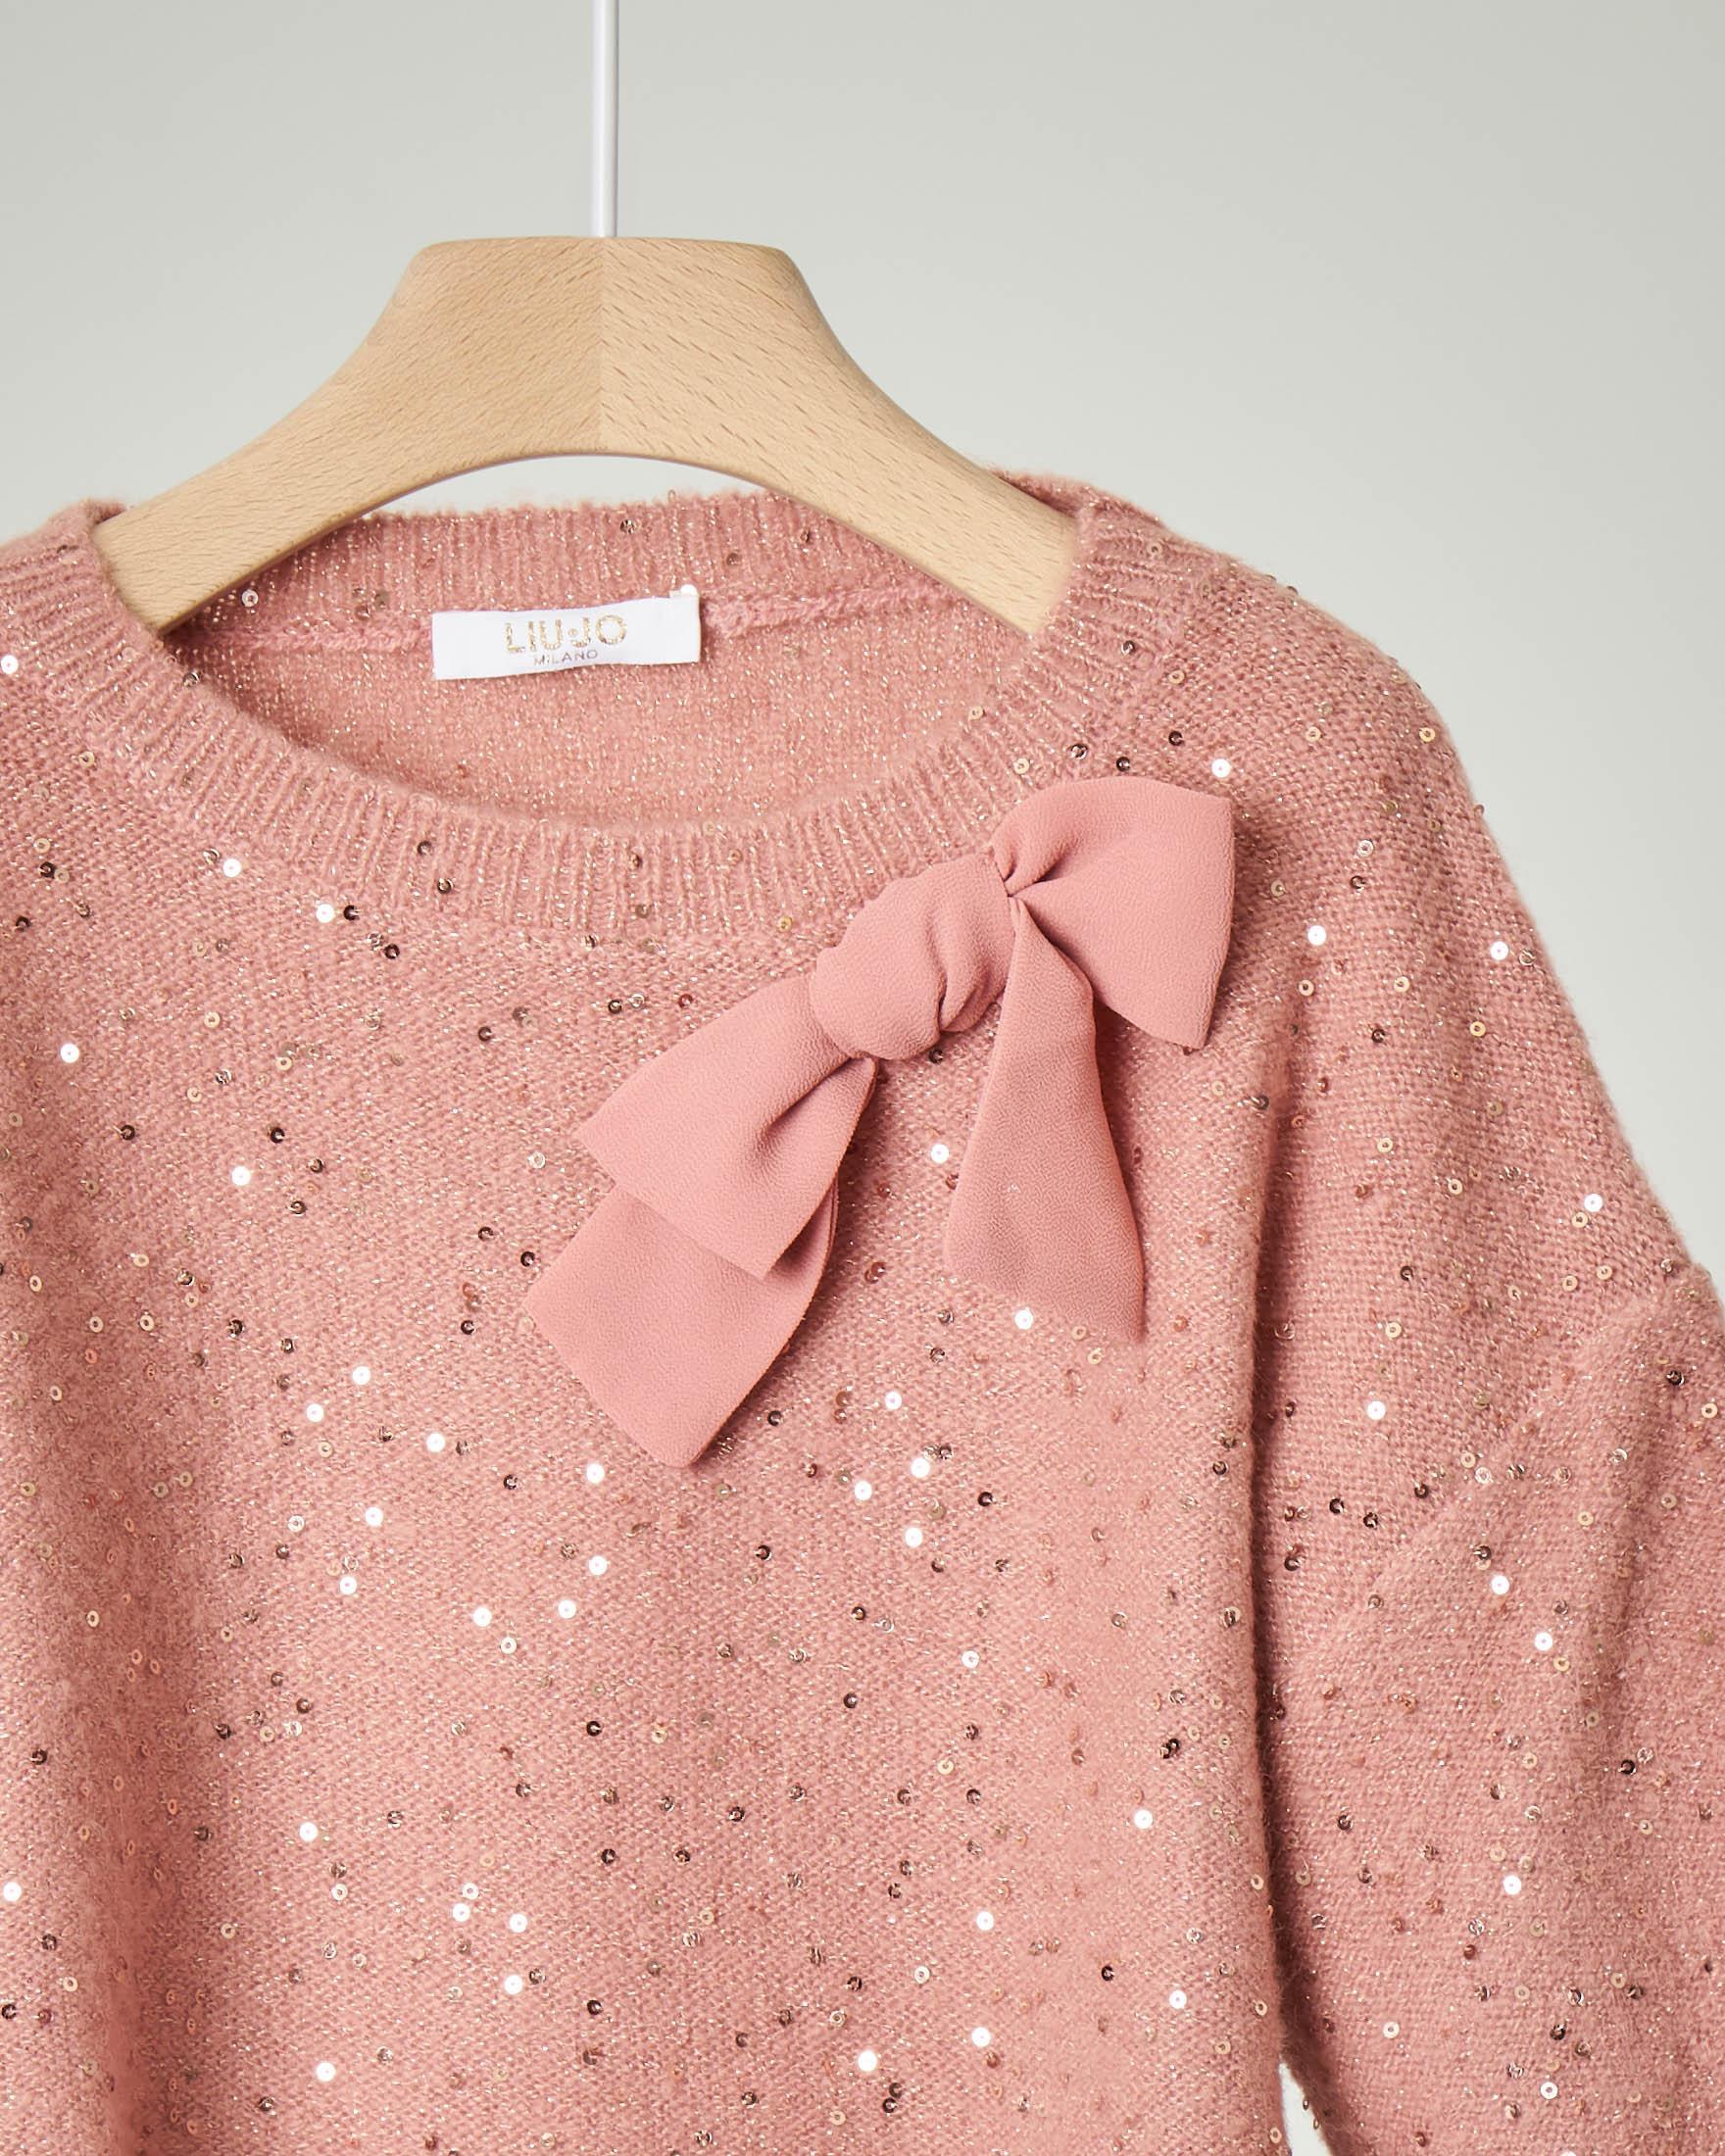 Maglia rosa girocollo con paillettes oro applicate e fiocco tono su tono 4-6 anni